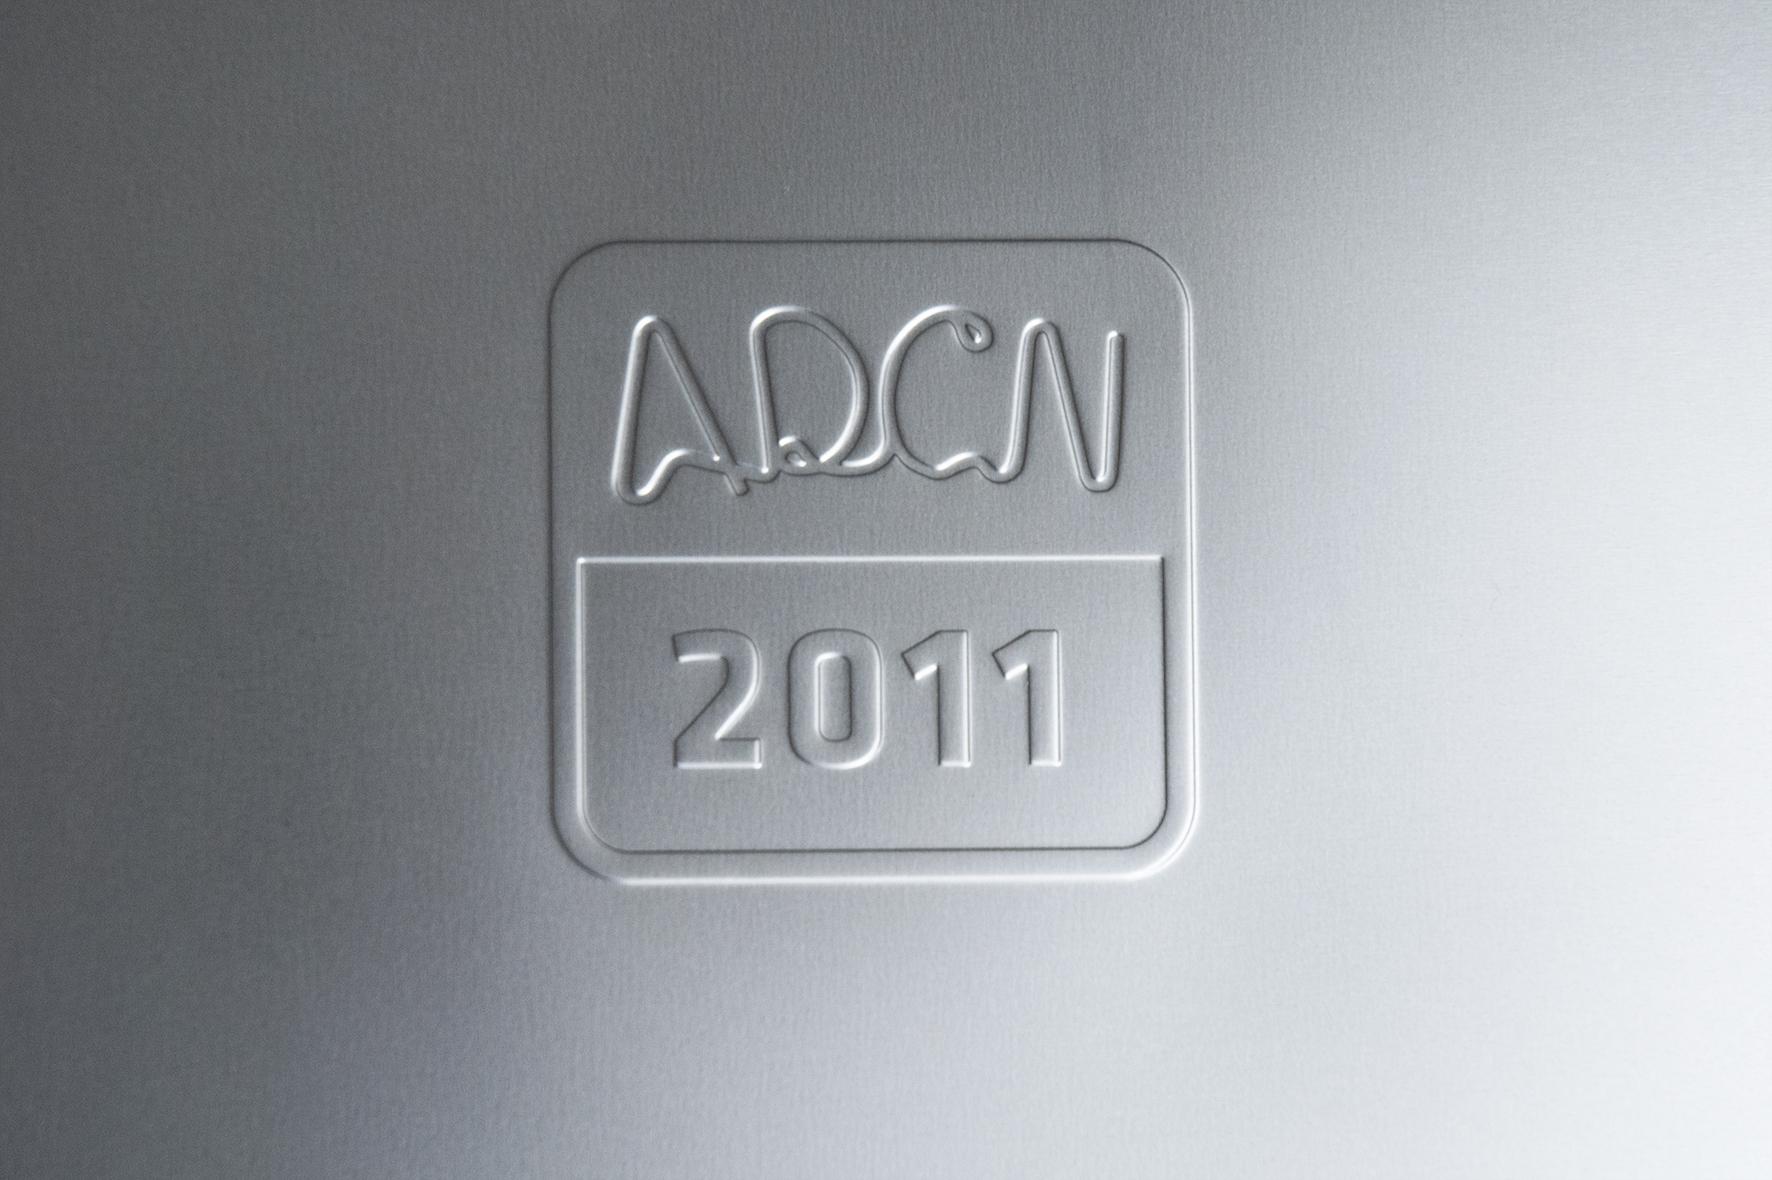 ADCN_logo.jpg